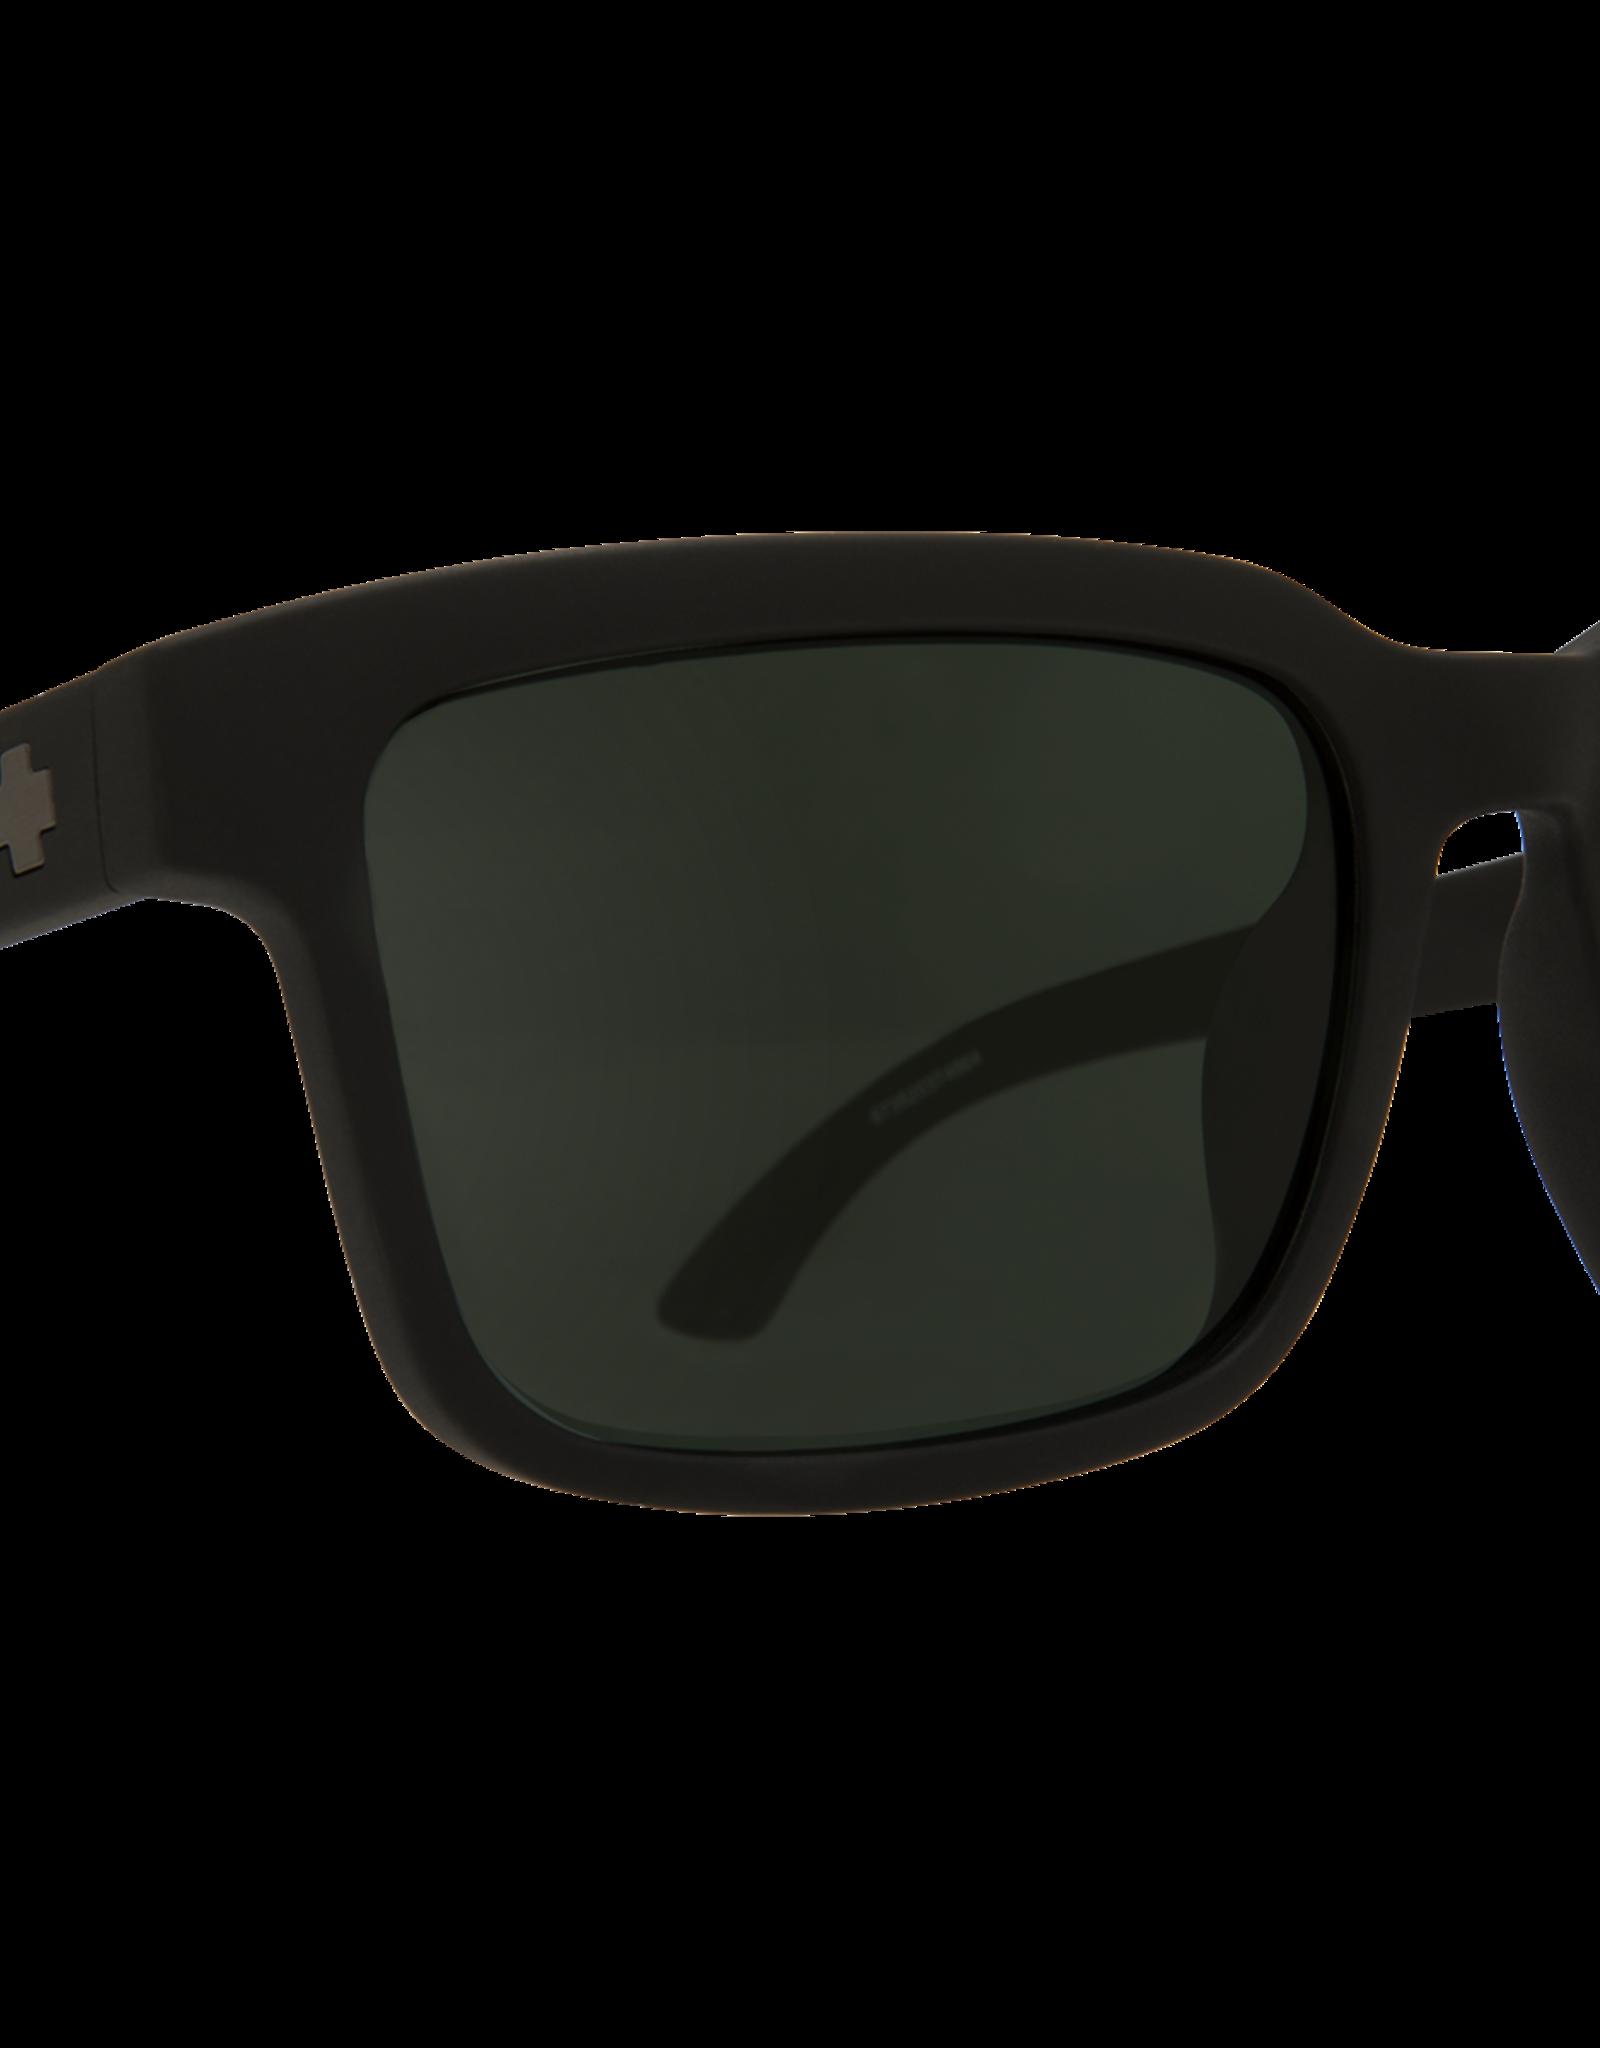 SPY SPY - HELM 2 - Matte Black w/ POLAR Grey/Green